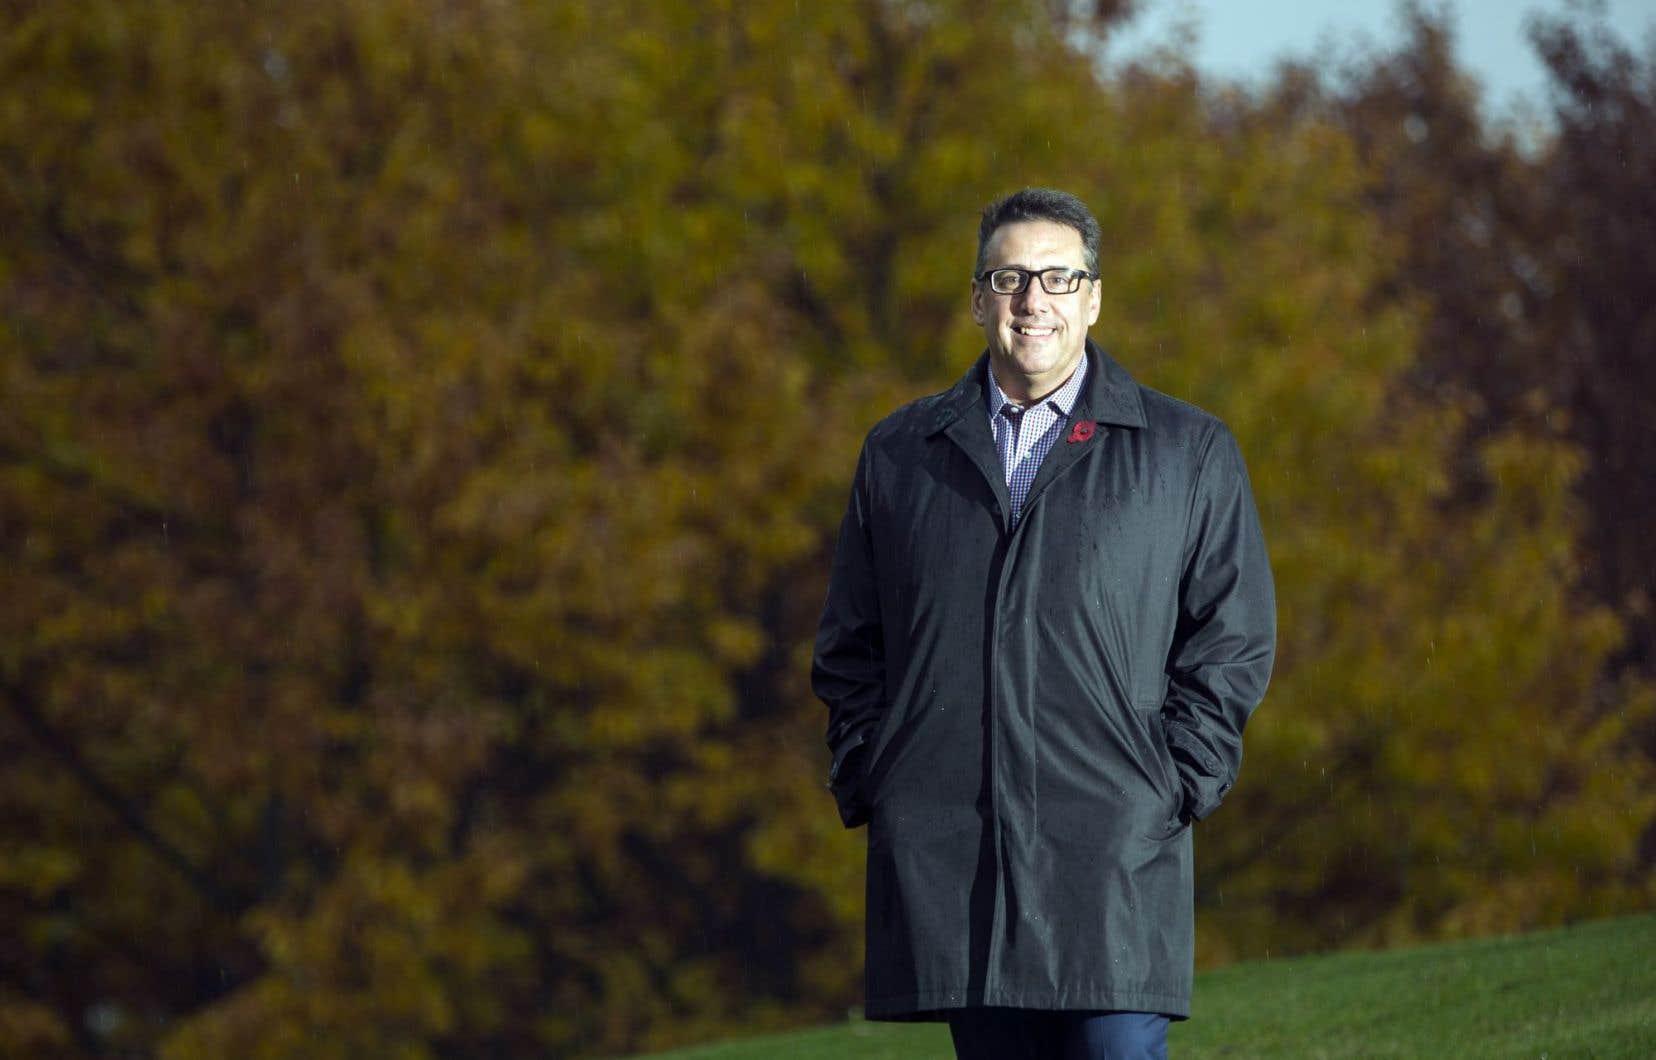 Né à Montréal, puis revenu à l'âge de cinq ans avec ses parents partis de Grèce, Dimitrios Jim Beis vit depuis ce temps-là à Pierrefonds-Roxboro, dont il est devenu maire.